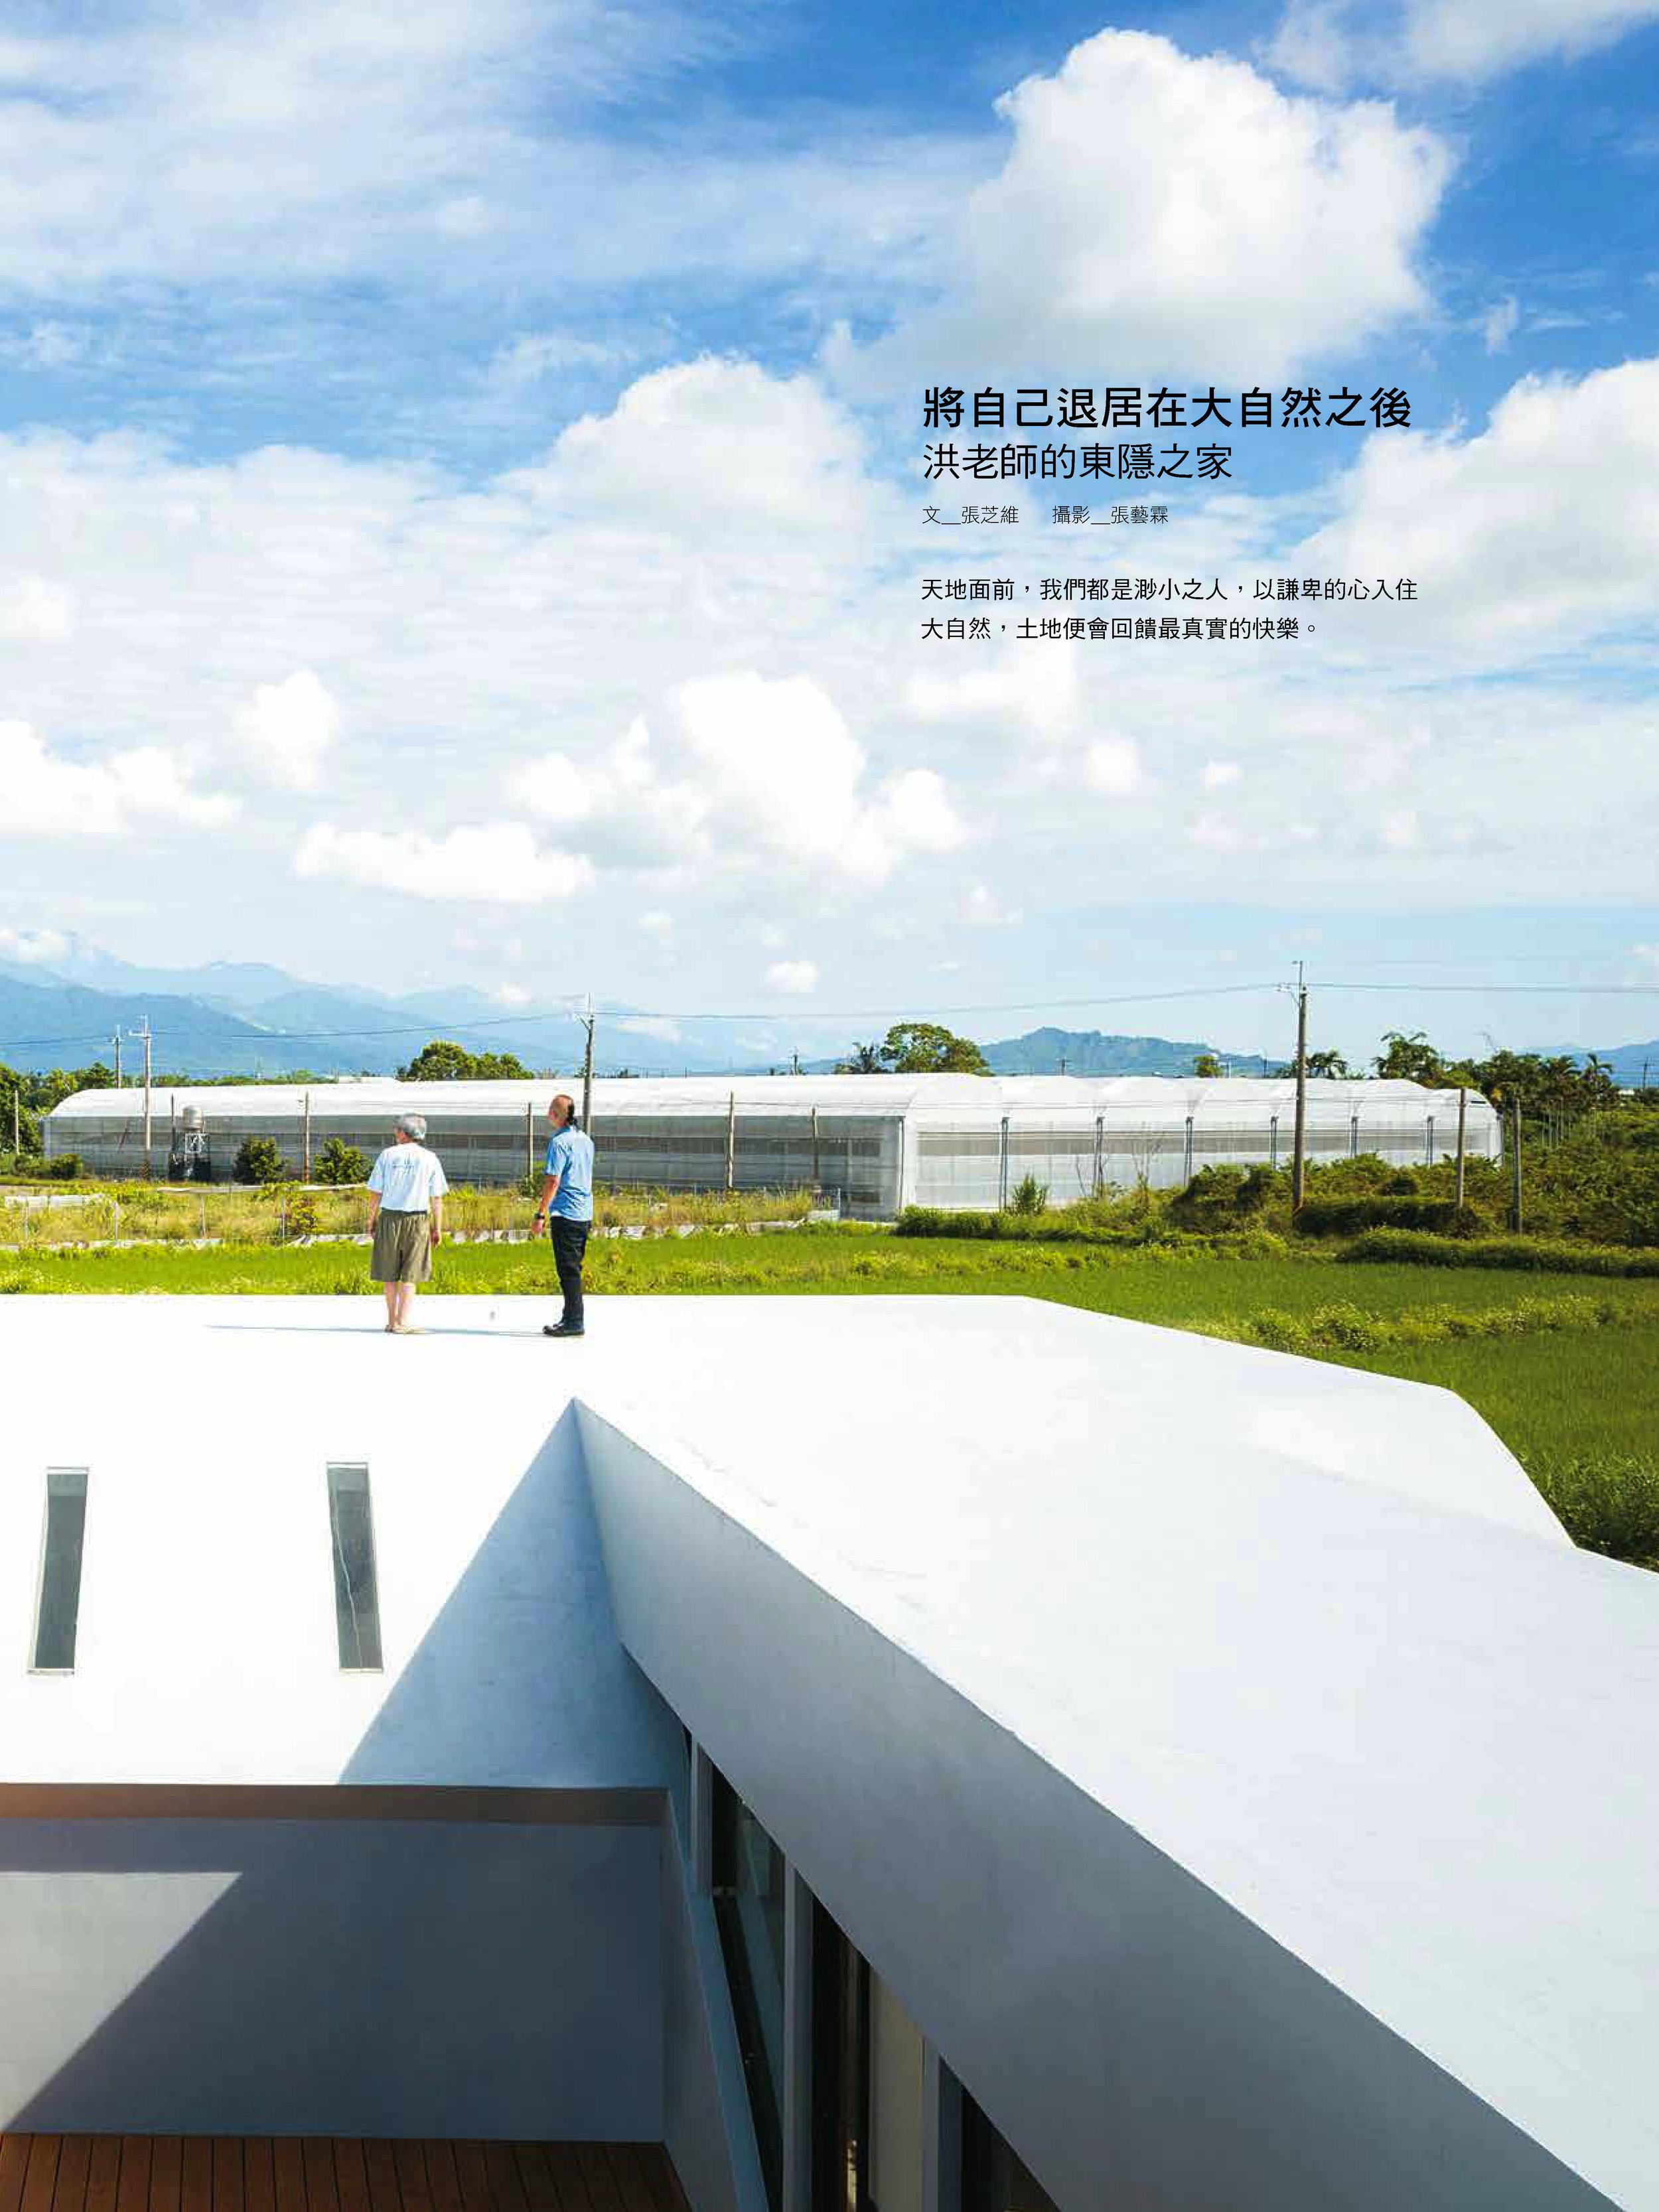 Lavie_162_080-083-COVER STORY_將自己退居在大自然之後 洪老師的東隱之家_頁面_2.jpg